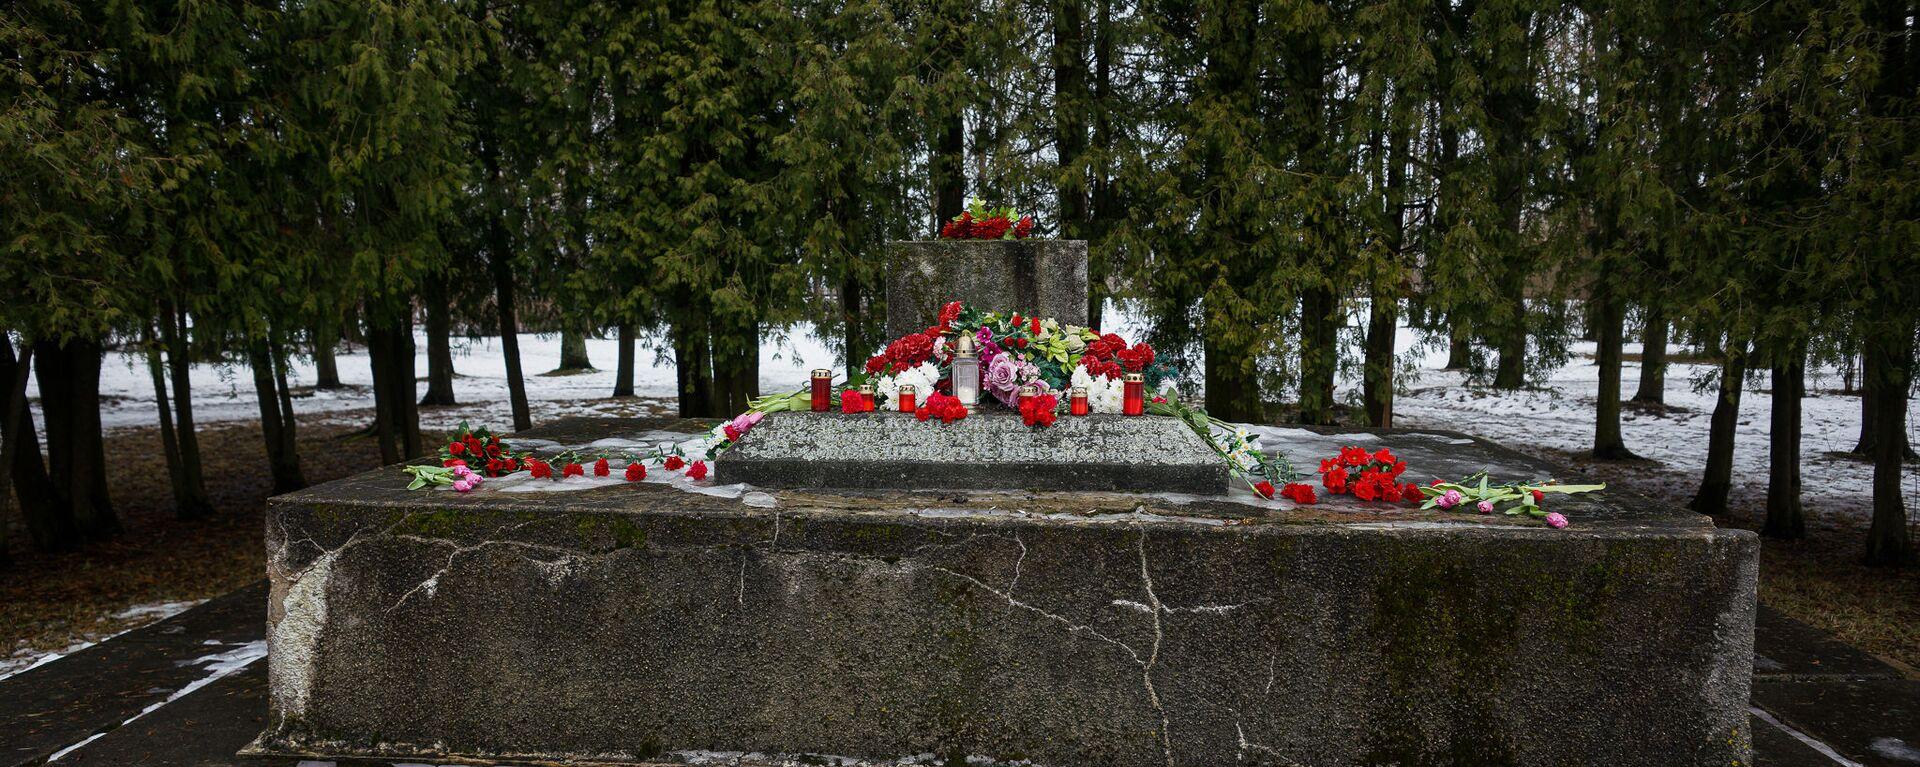 В ночь на 24 февраля в Екабпилсе вандалы украли пушку ЗиС-3 с могилы героев-освободителей Екабпилса от нацистских захватчиков - Sputnik Латвия, 1920, 20.03.2021